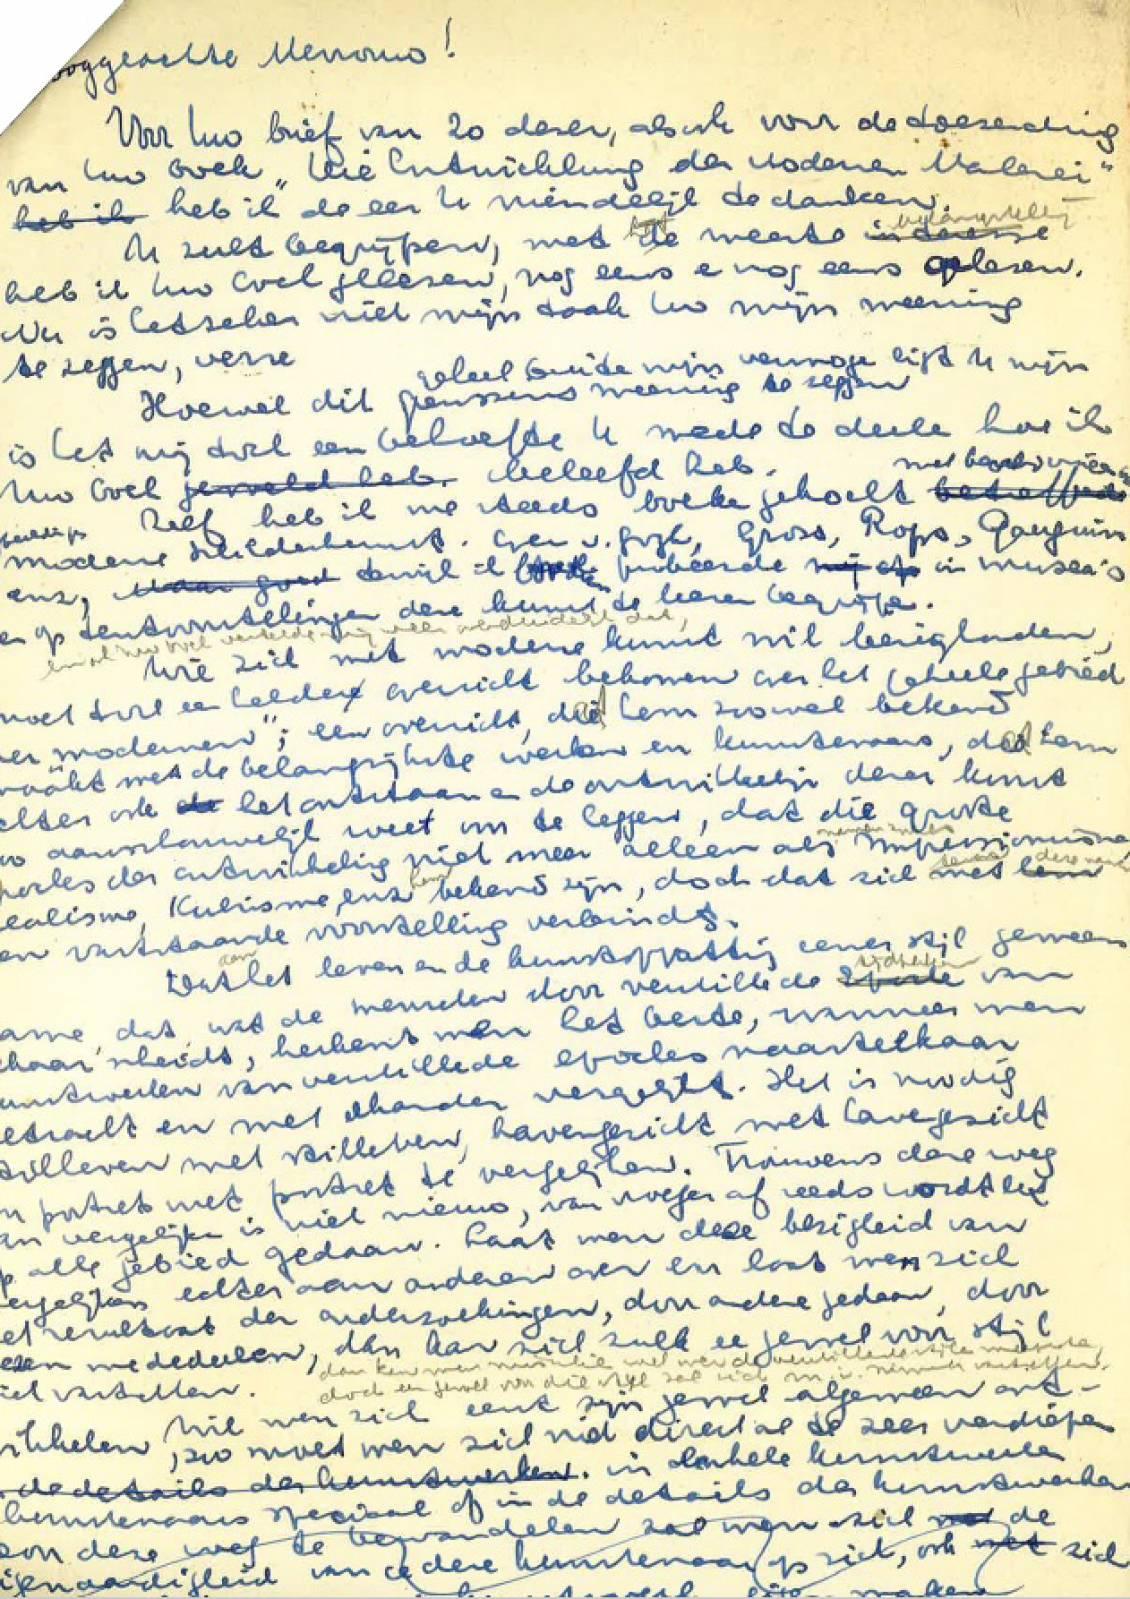 Kladversie van de brief van Auping aan Helene, hij dank haar o.a. voor het boek Beschouwingen, 25 maart 1937